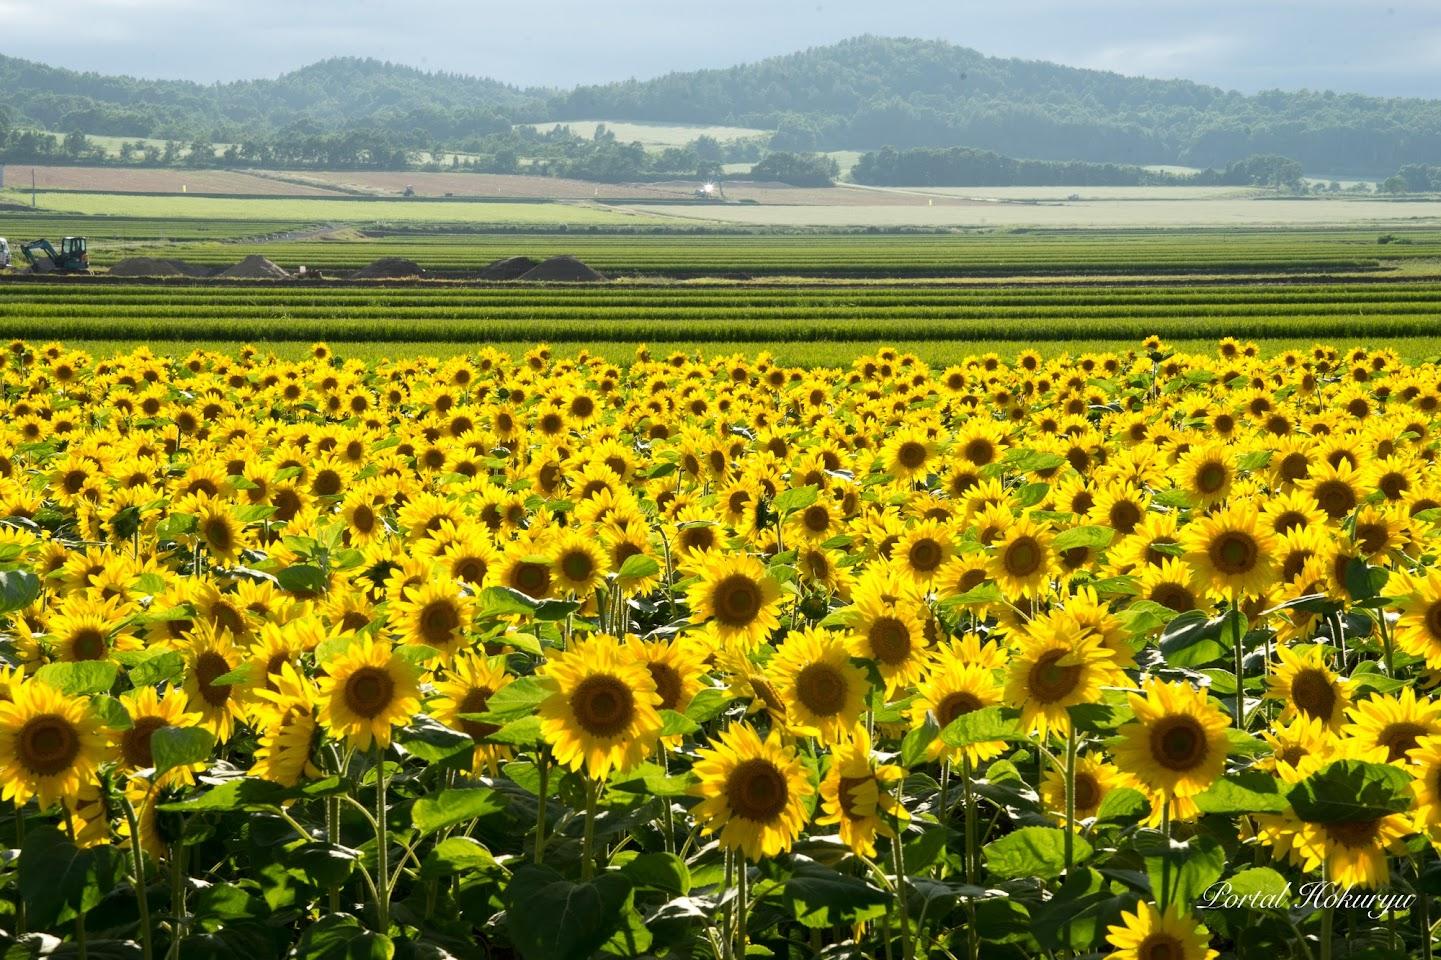 黄色のひまわり、緑の稲、そして白い蕎麦畑と